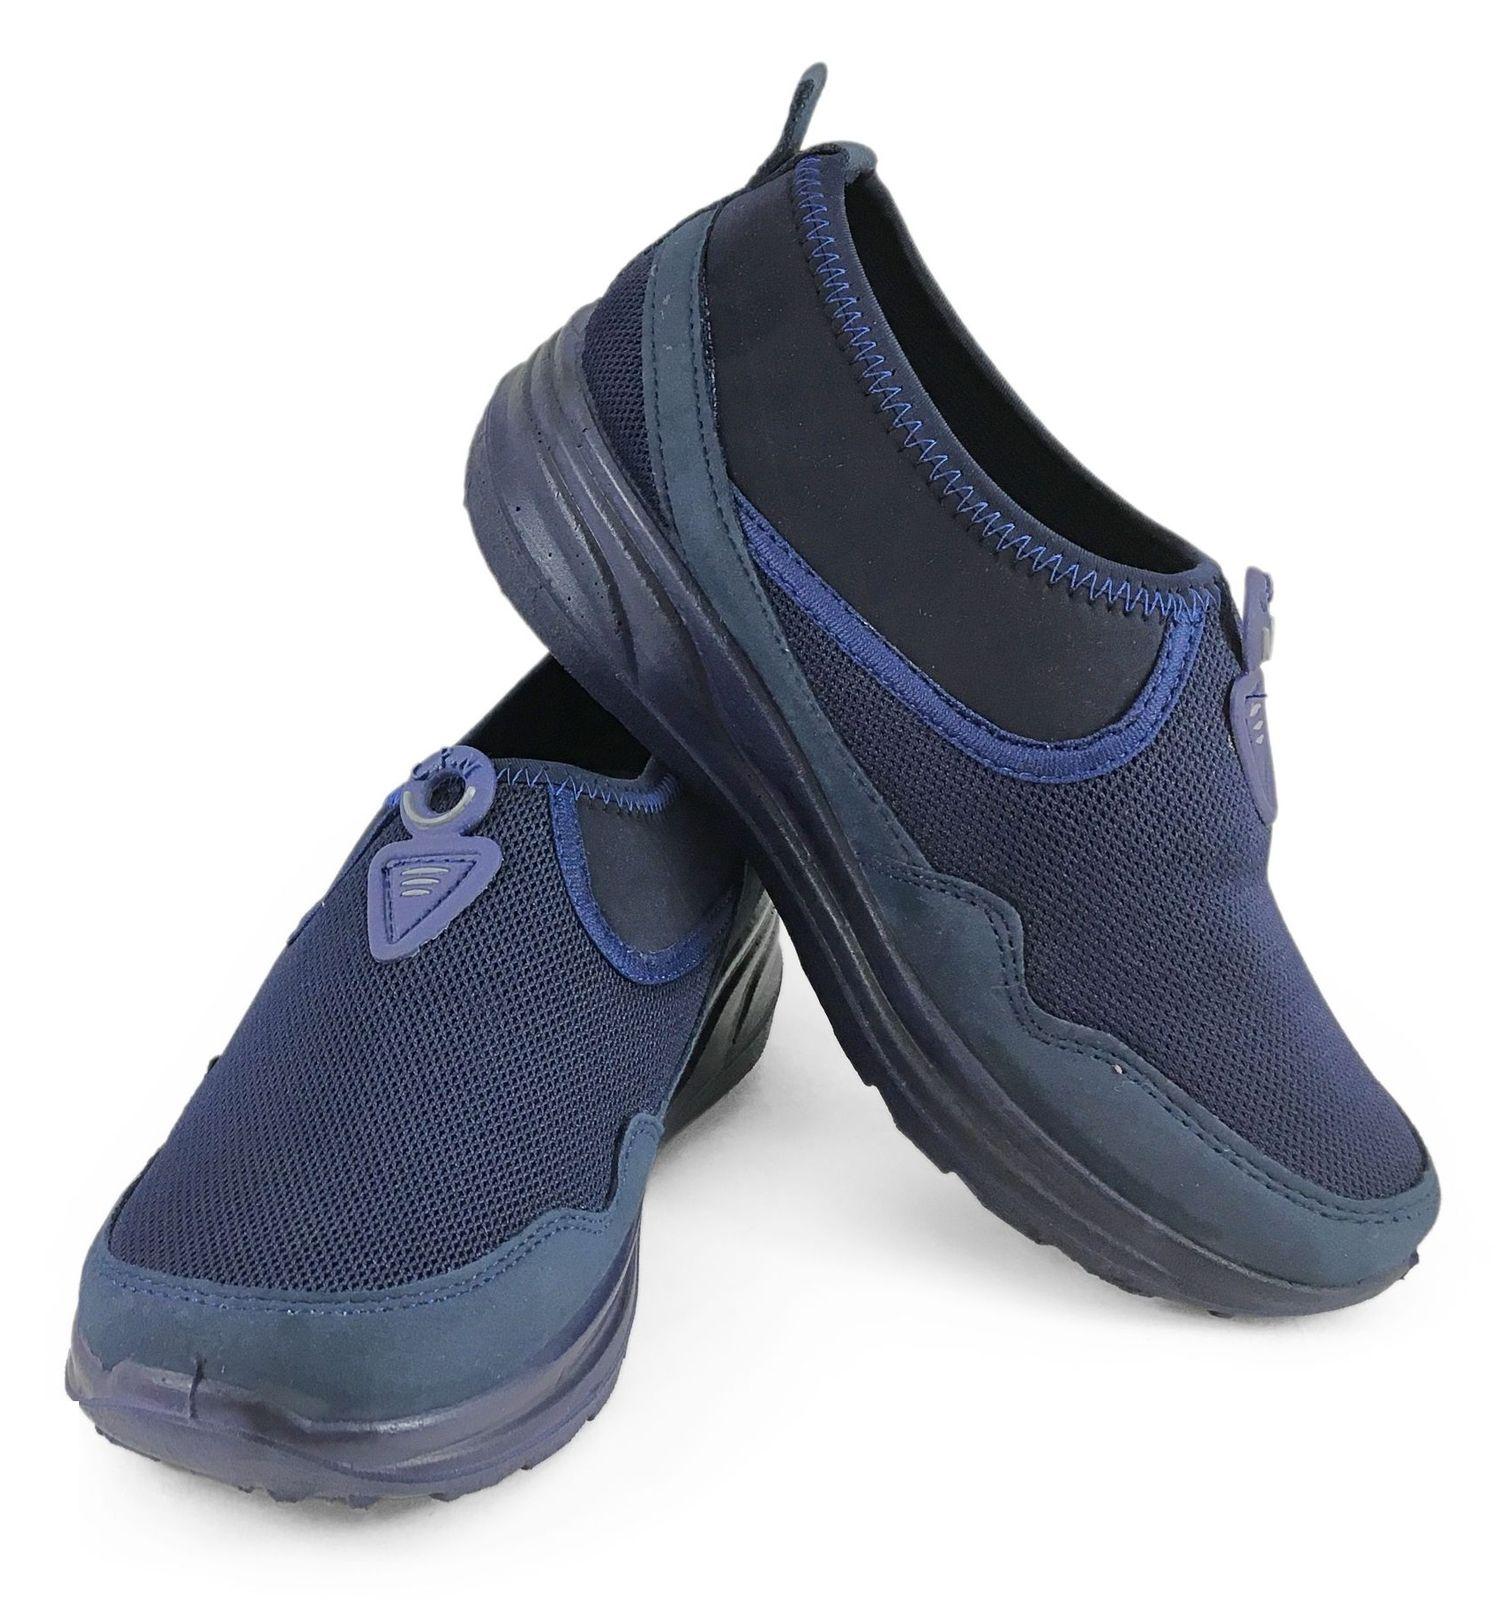 کفش مخصوص پیاده روی زنانه چپان کد 4027 main 1 4